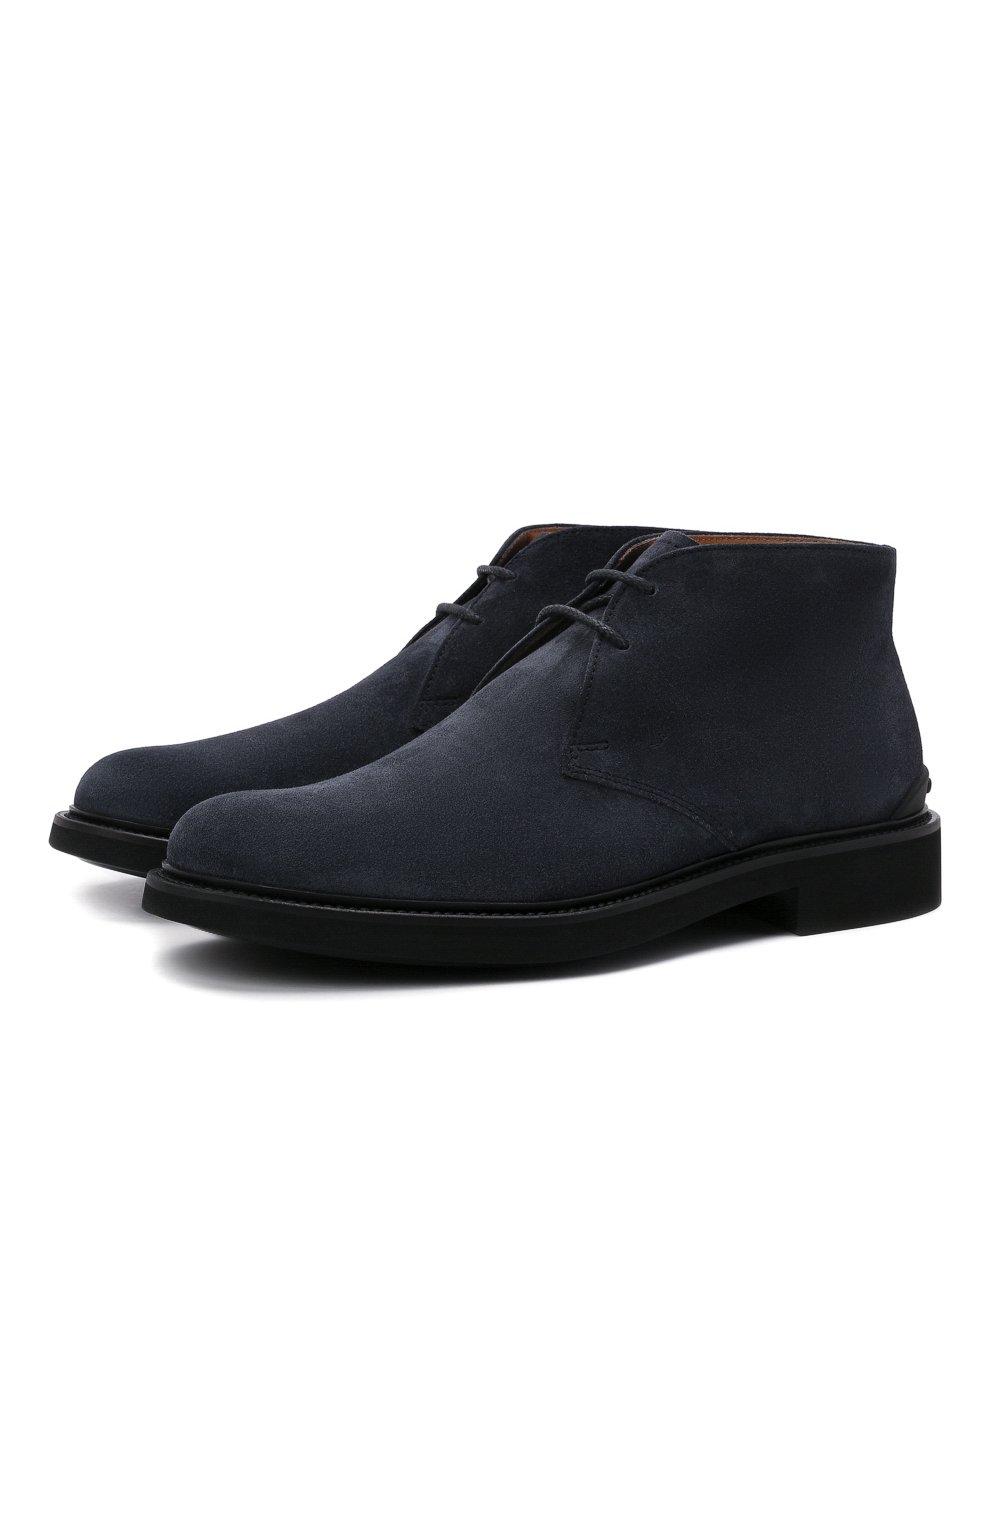 Мужские замшевые ботинки TOD'S темно-синего цвета, арт. XXM06H00D80RE0   Фото 1 (Мужское Кросс-КТ: Ботинки-обувь, Дезерты-обувь; Материал внутренний: Натуральная кожа; Подошва: Плоская; Материал внешний: Замша)